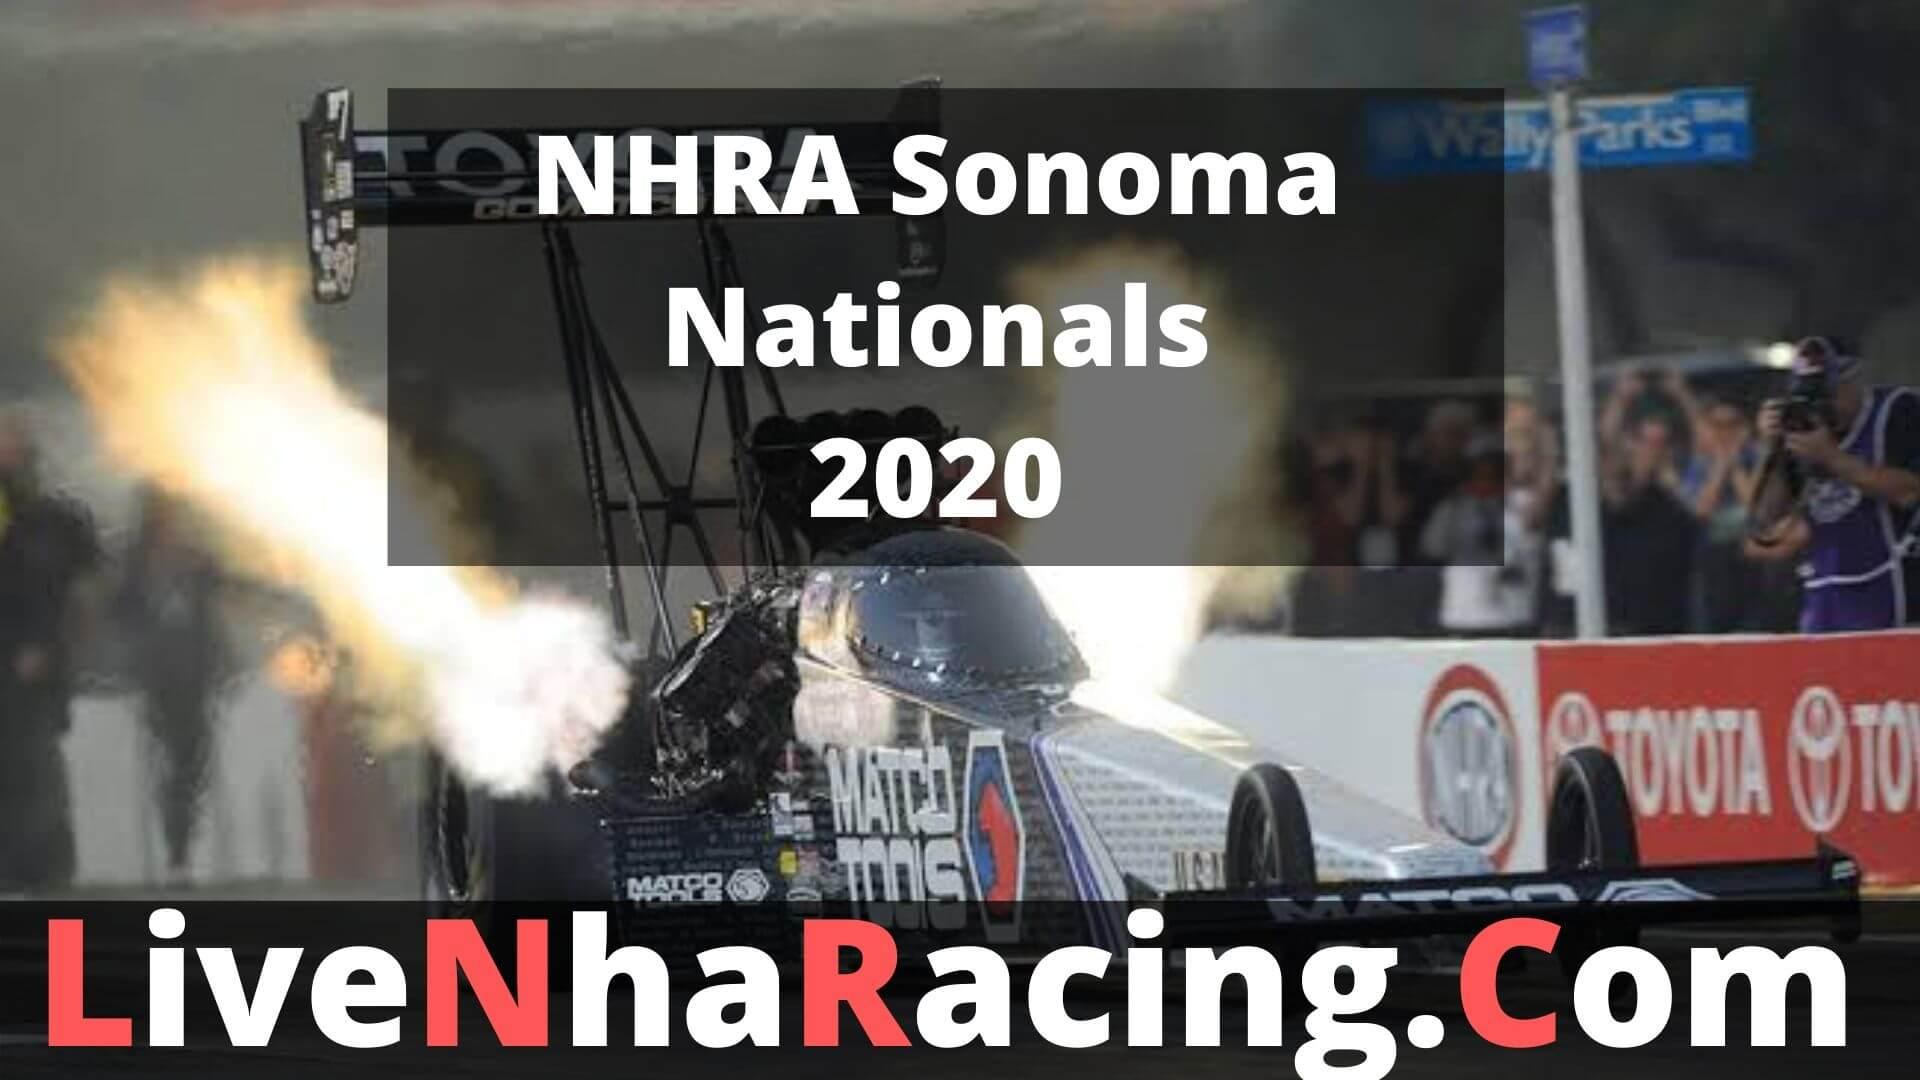 NHRA Sonoma Nationals Live Stream